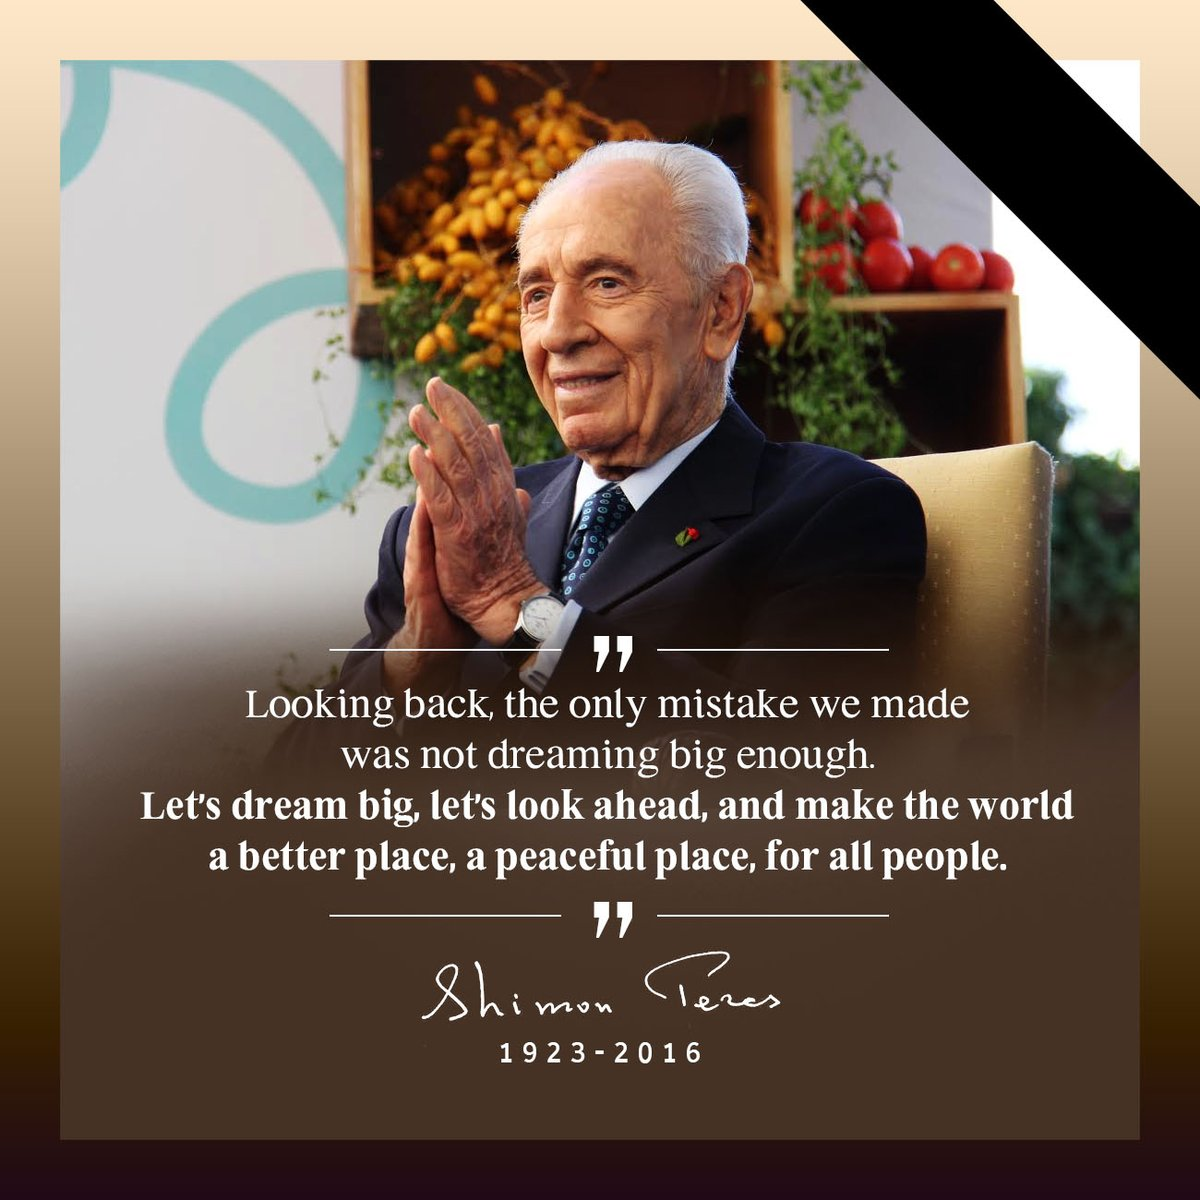 ¿Sabías qué... Shimon Peres ganó el Premio Nobel de la Paz en 1994?